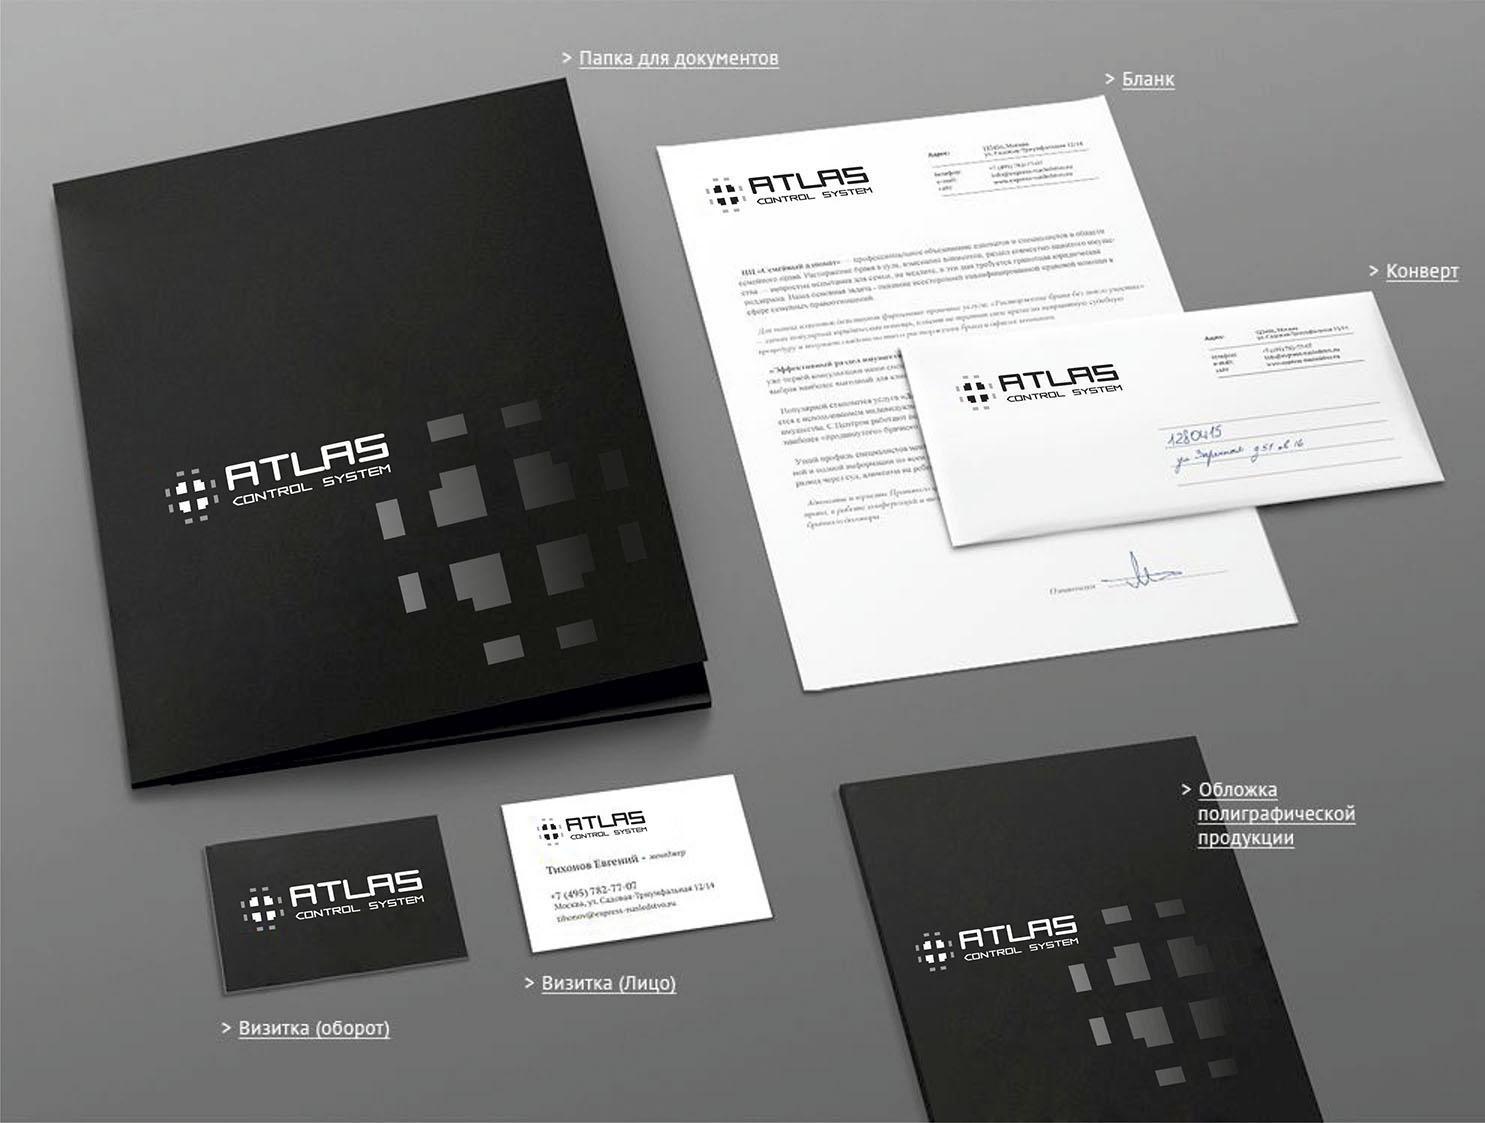 Разработка фирменного стиля компании фото f_47459e49cee289e9.jpg